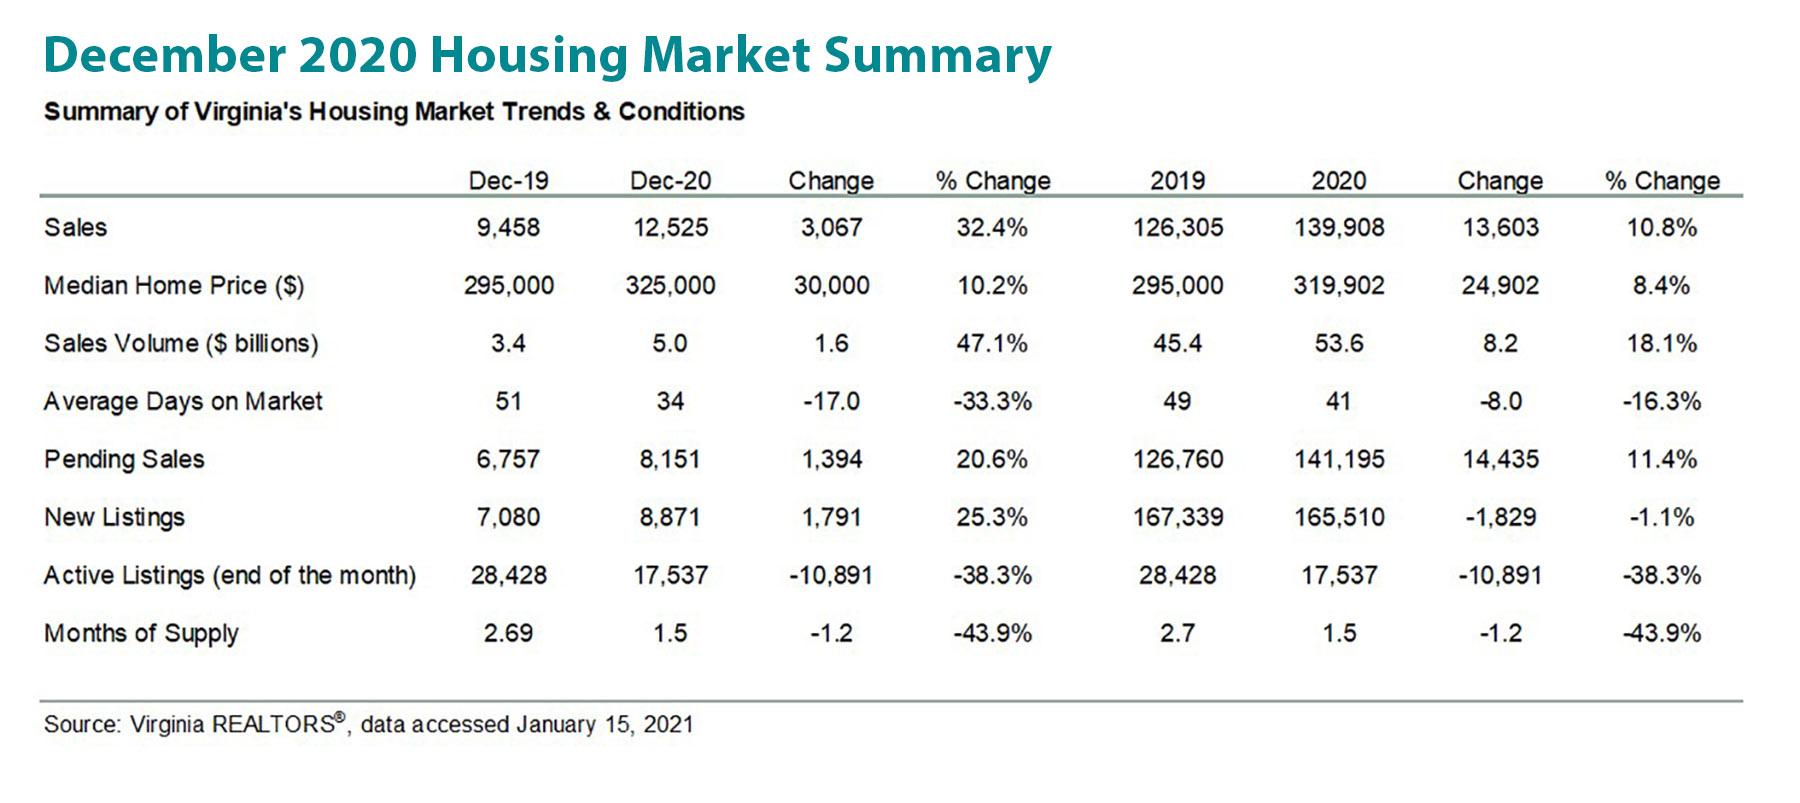 December 2020 Housing Market Summary